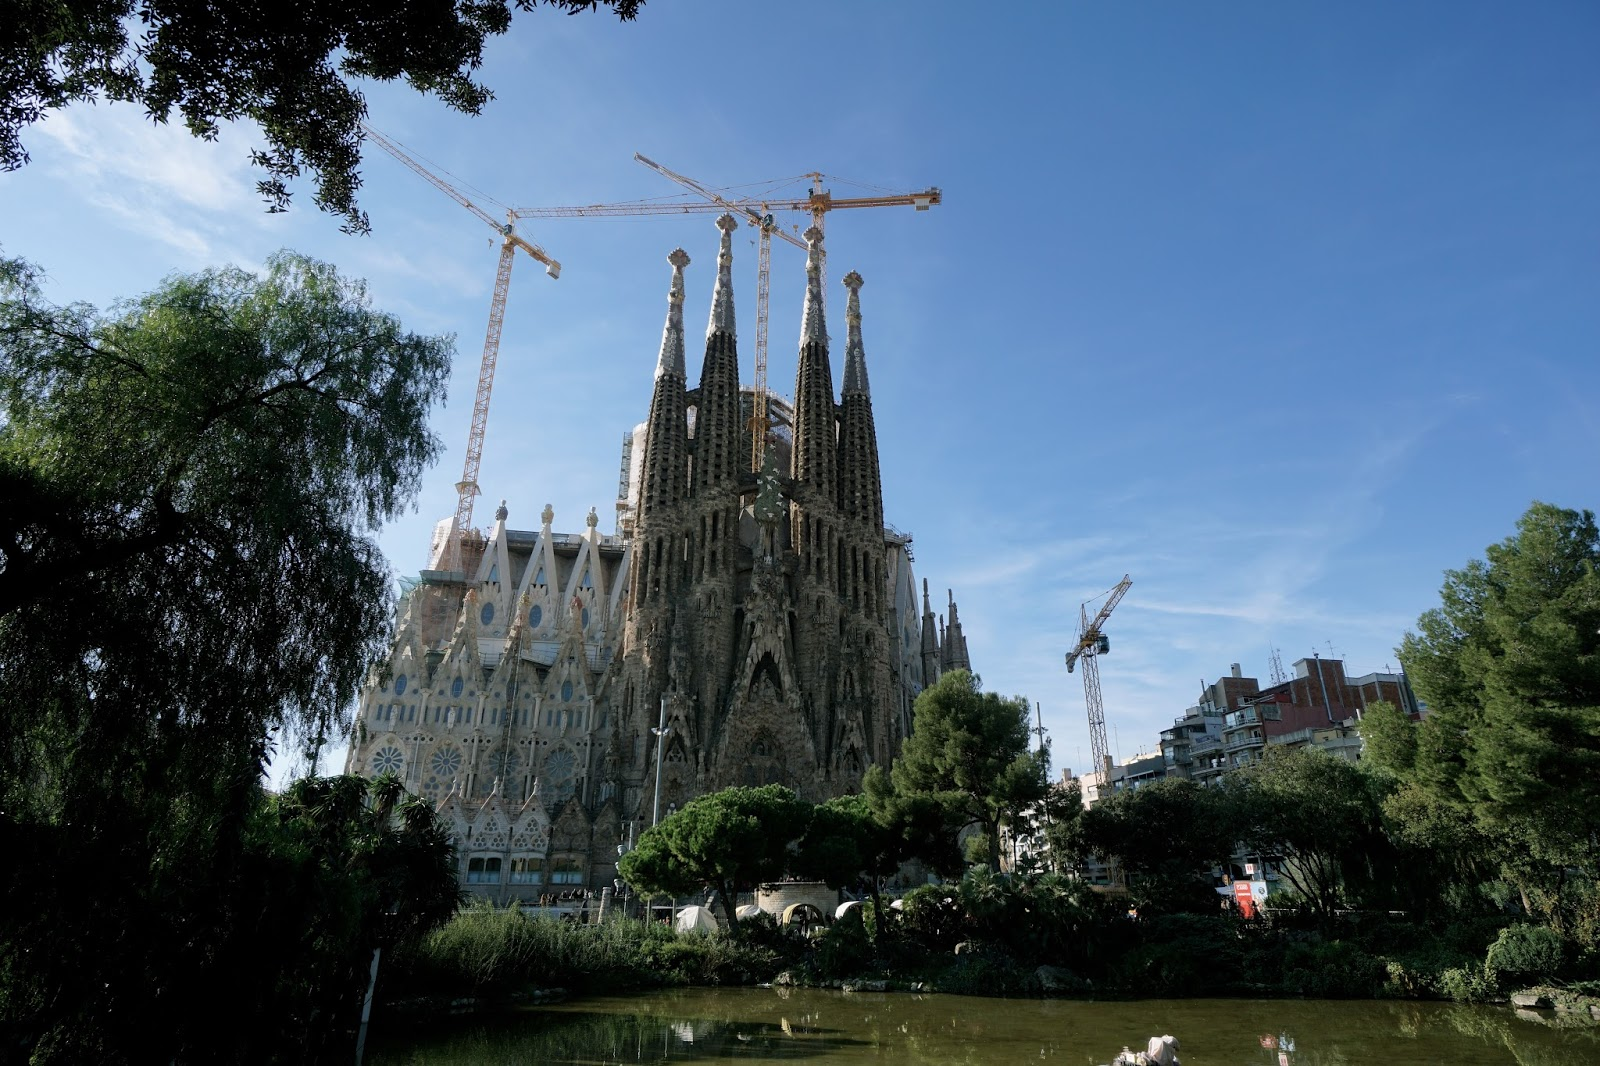 サグラダ・ファミリア (Sagrada Familia) ガウディ広場からの眺め